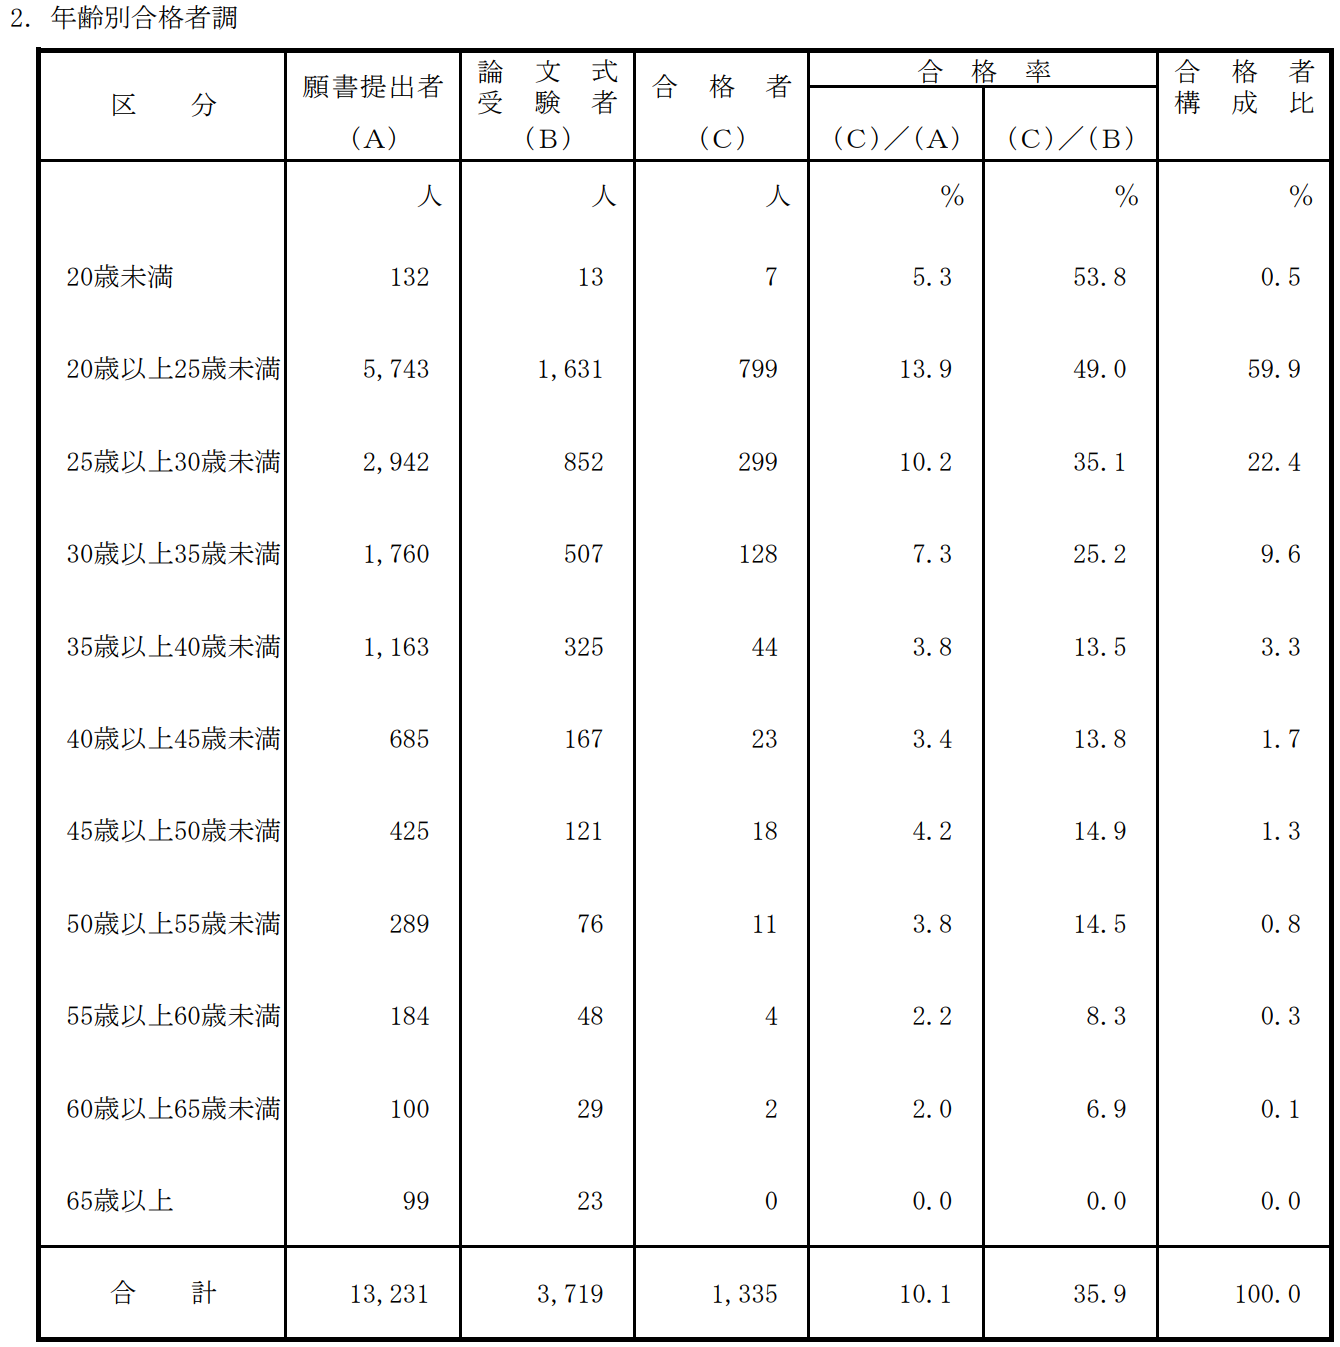 公認会計士試験年齢別合格者調